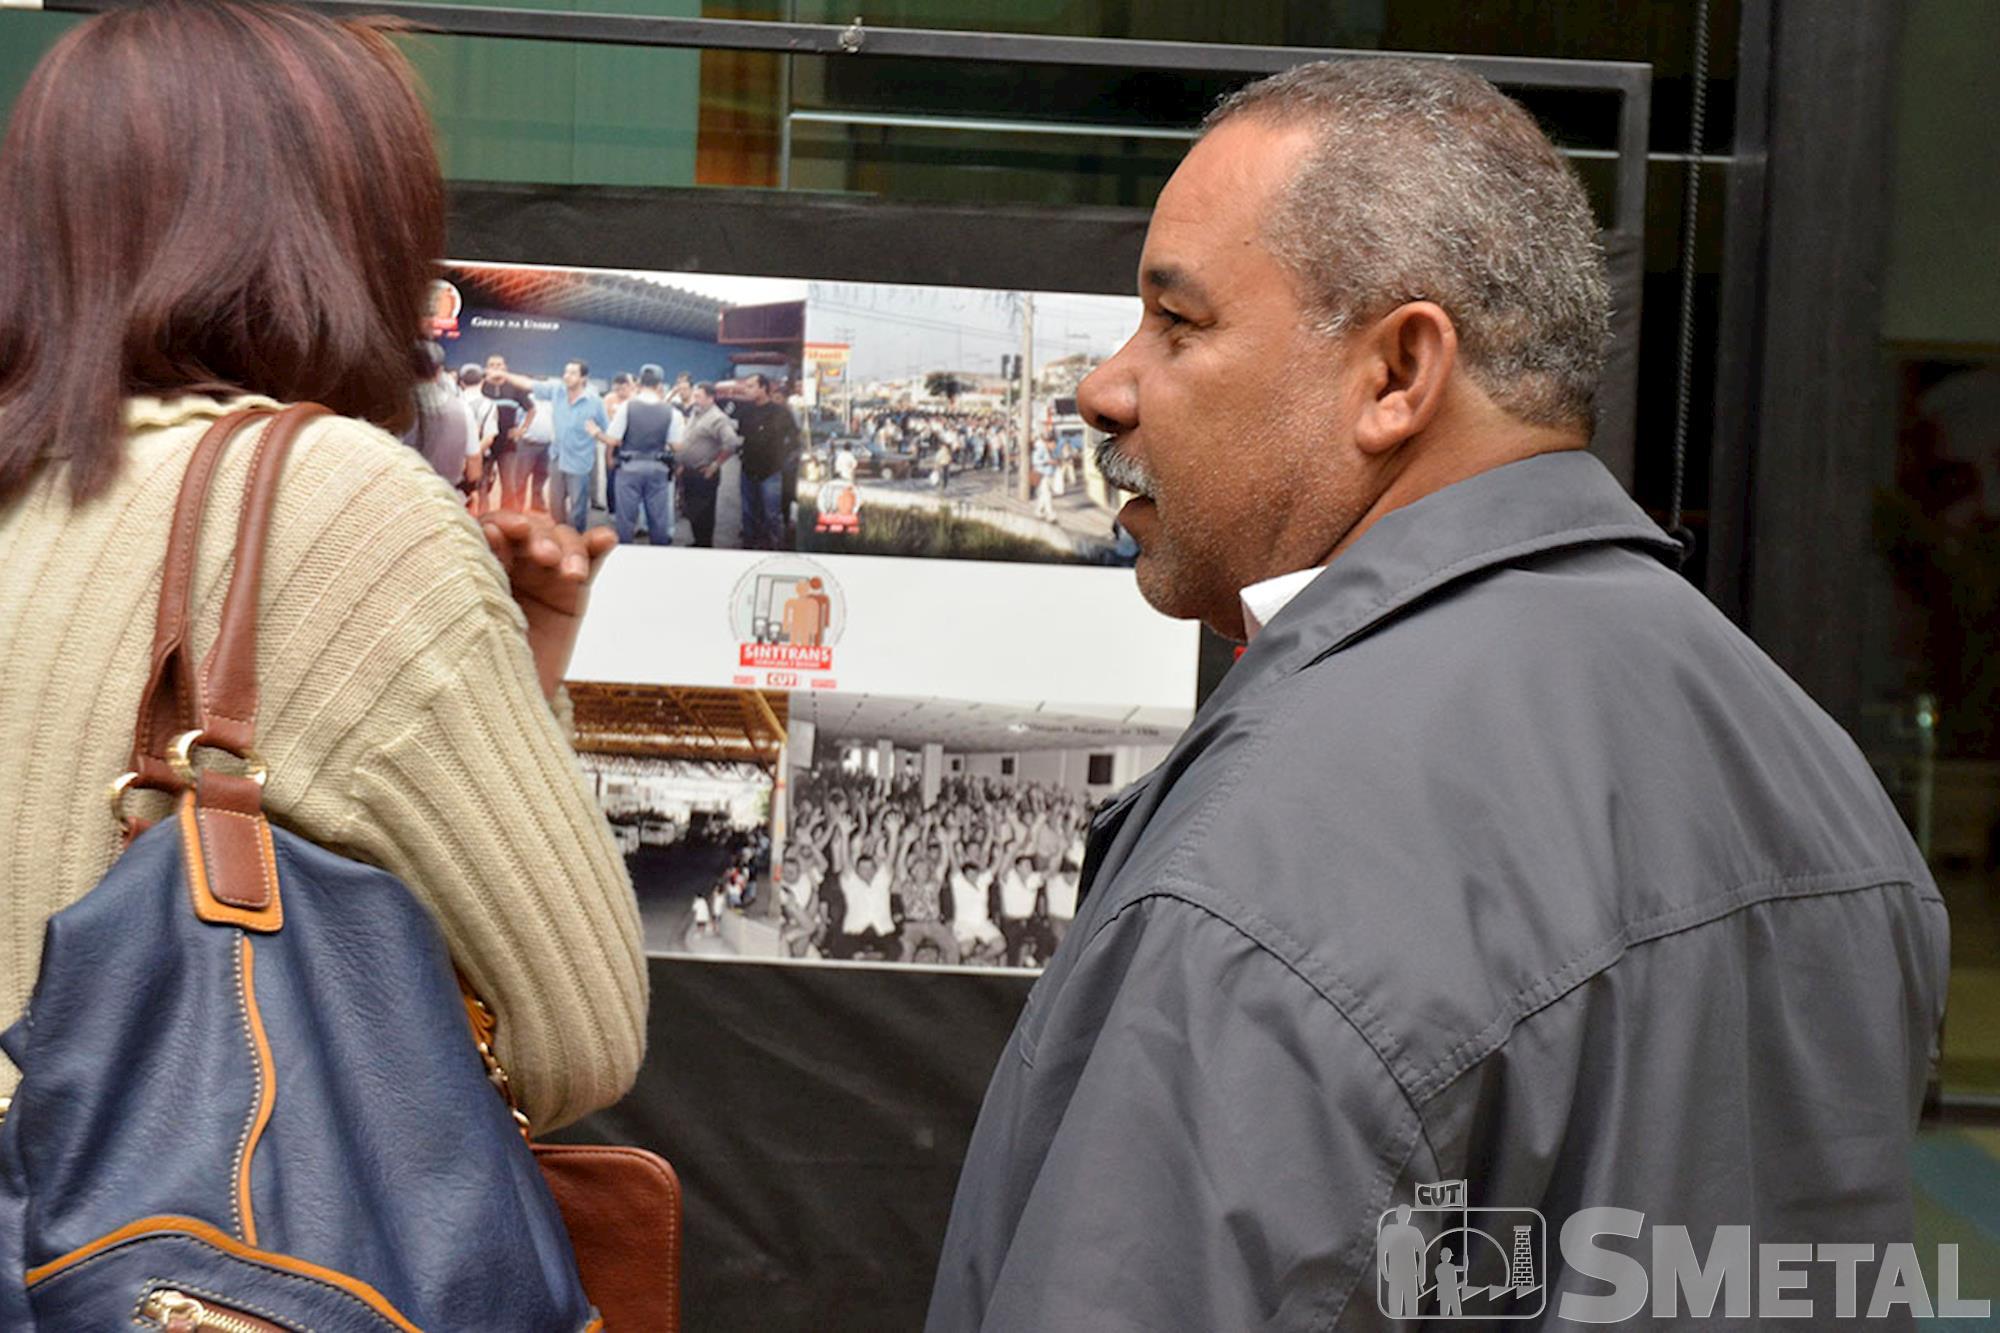 Após solenidade,  público conferiu exposição com fotografias marcantes da CUT na região de Sorocaba, Sessão Solene na Câmara de Sorocaba comemora 30 anos de CUT